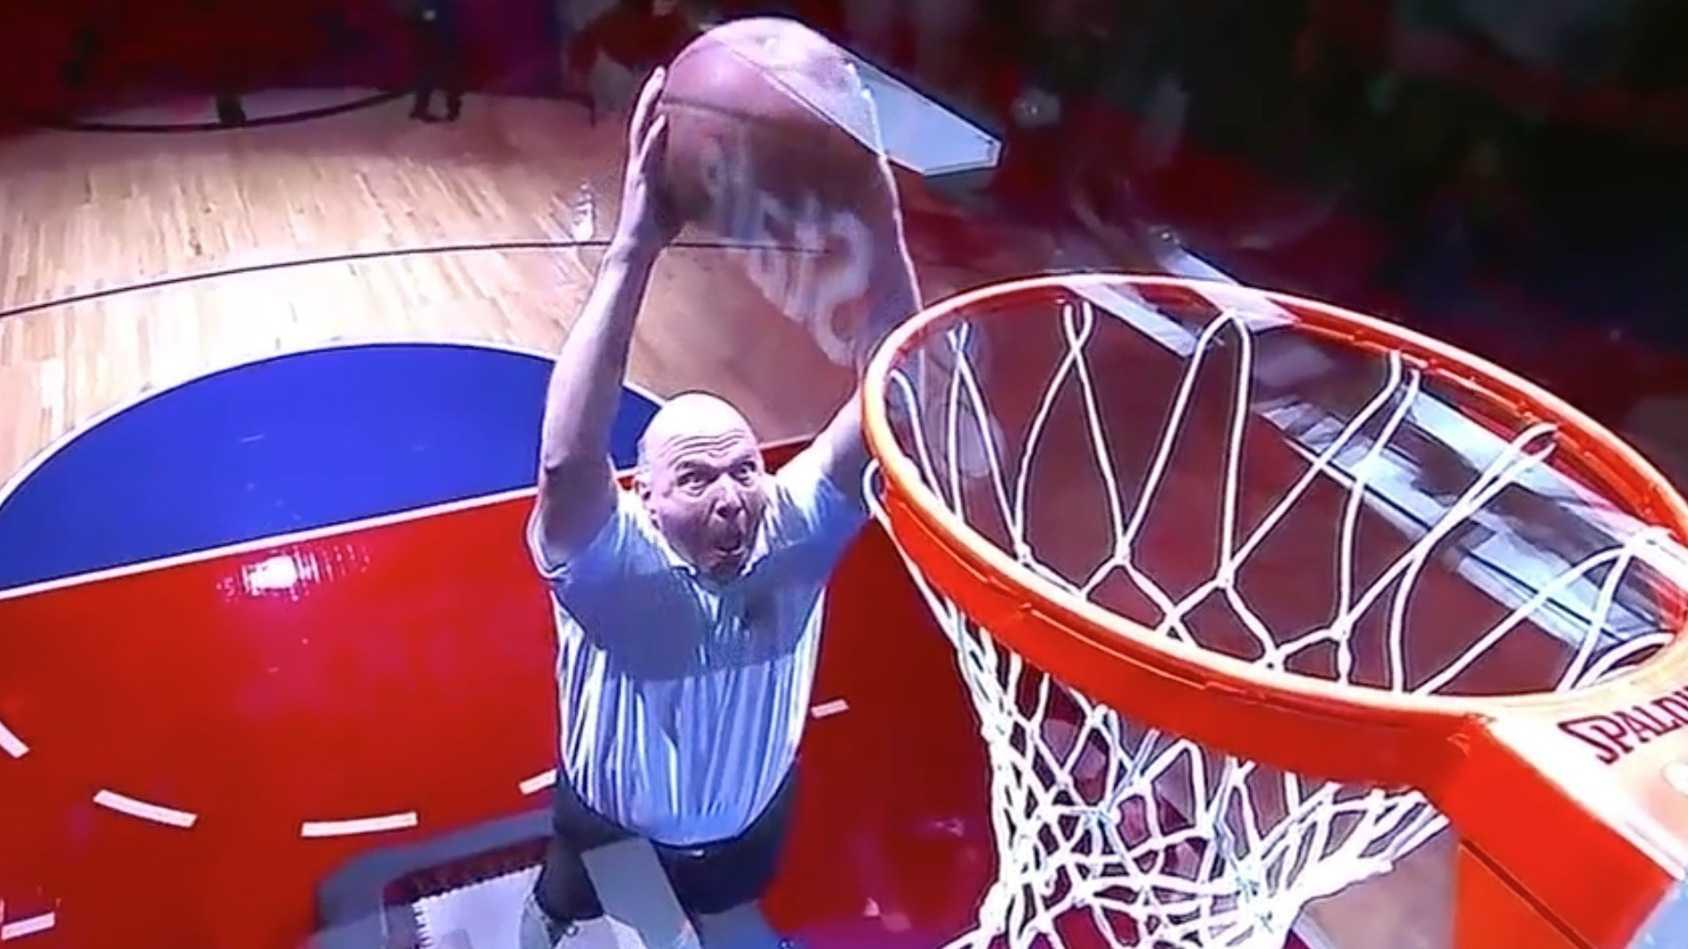 Steve Ballmer Basketball